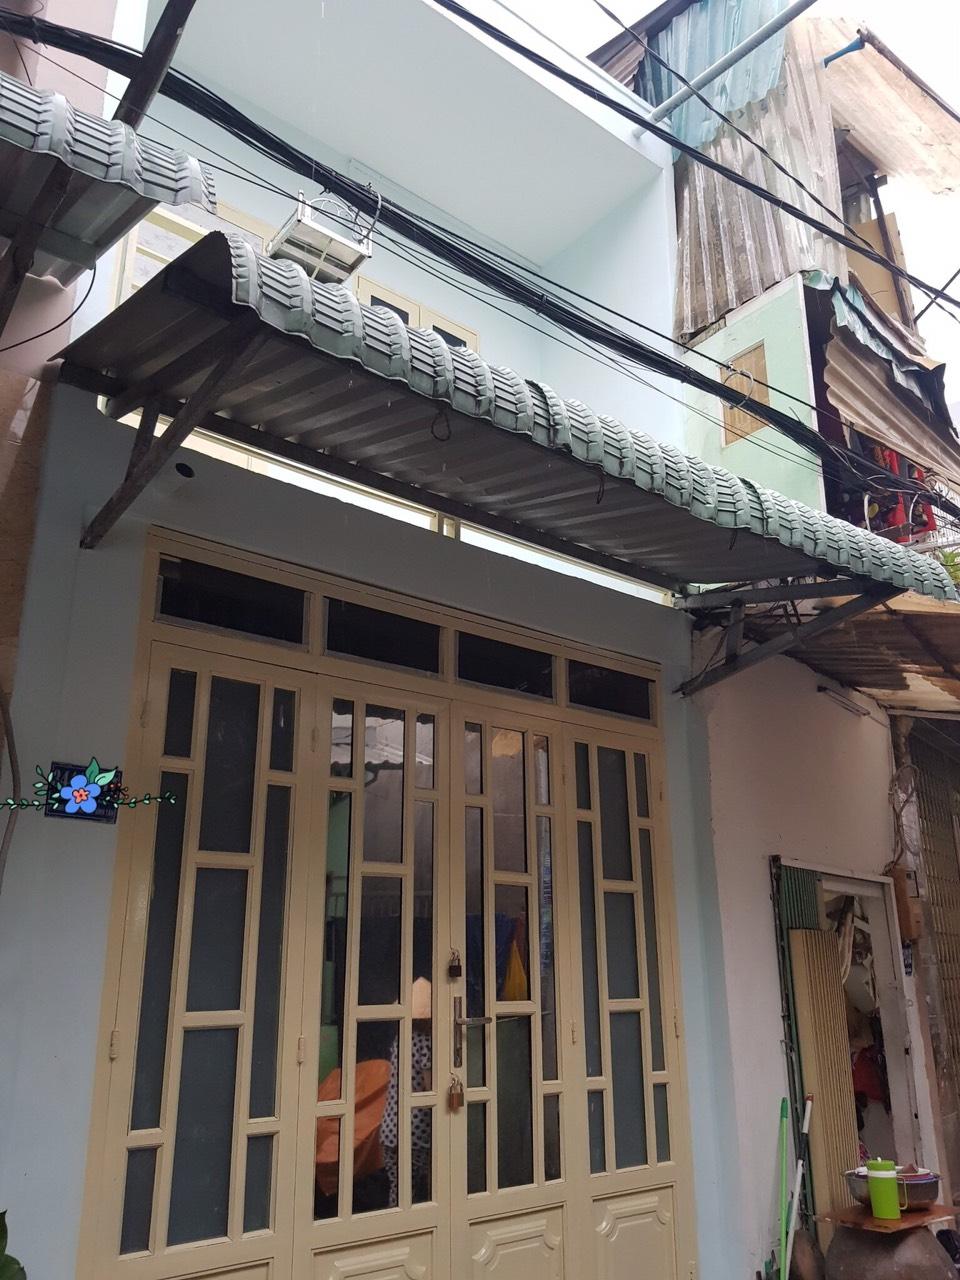 Bán nhà hẻm 344 Chiến Lược phường Bình Trị Đông A quận Bình Tân